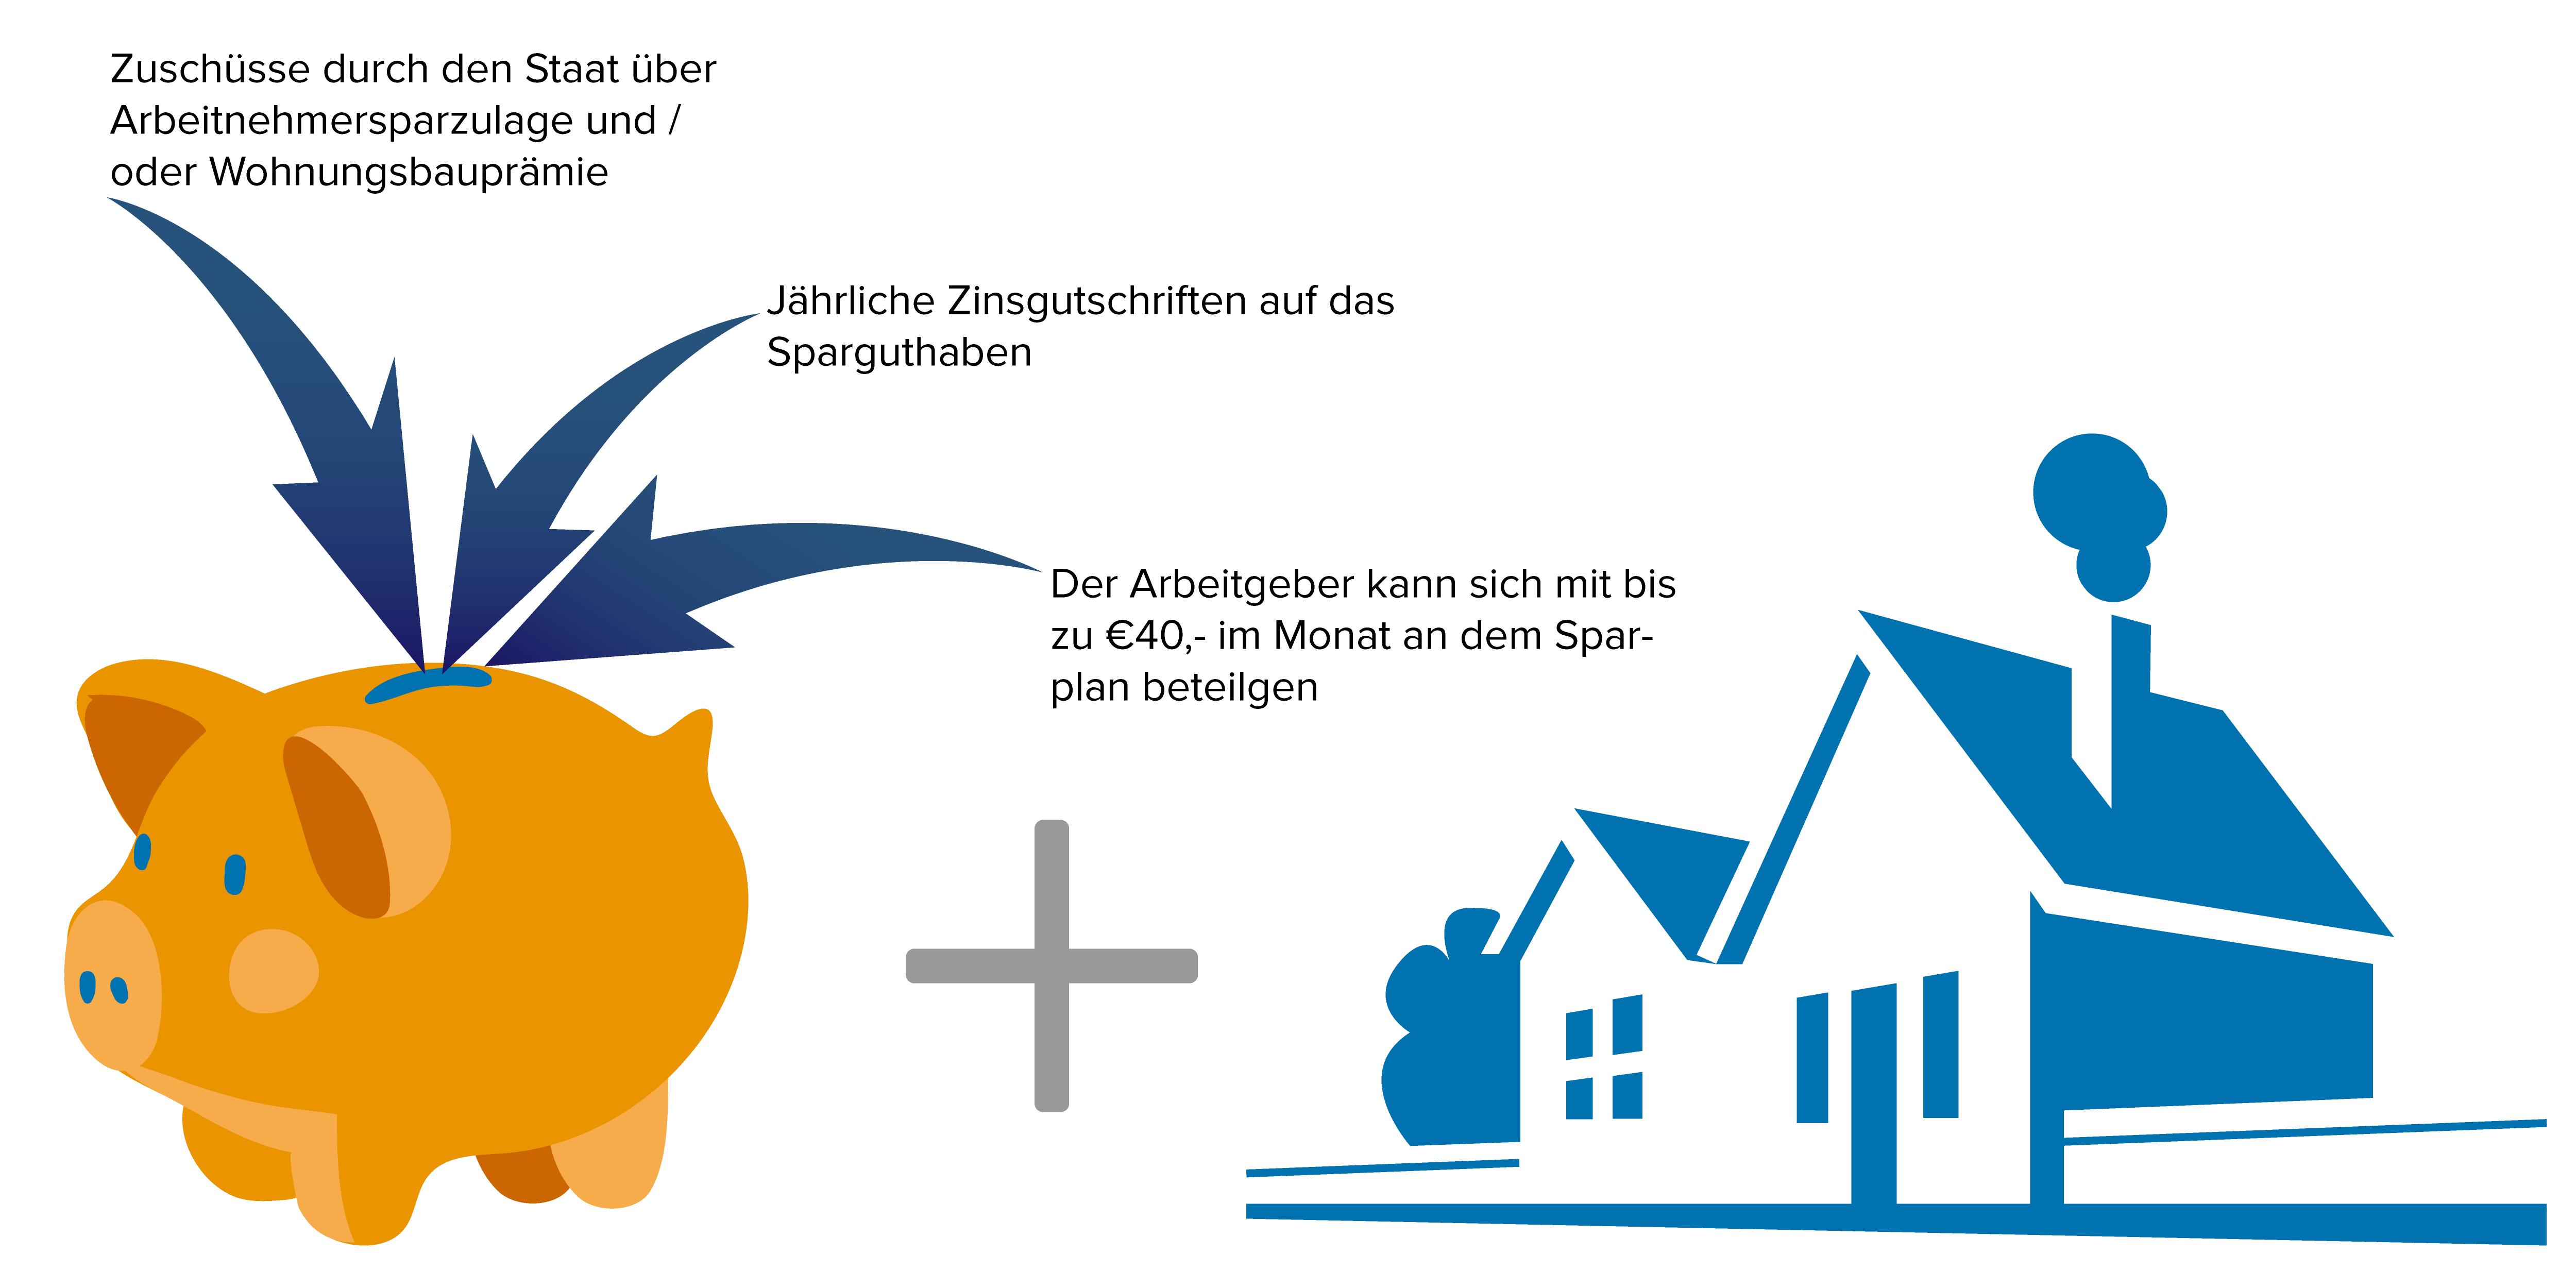 Bausparen, staatliche Förderungen, Arbeitnehmersparzulage, Landsberg am Lech, Penzing, Kaufering, Buchloe, Kaufering, Baufinanzierungen, Daniel Albert